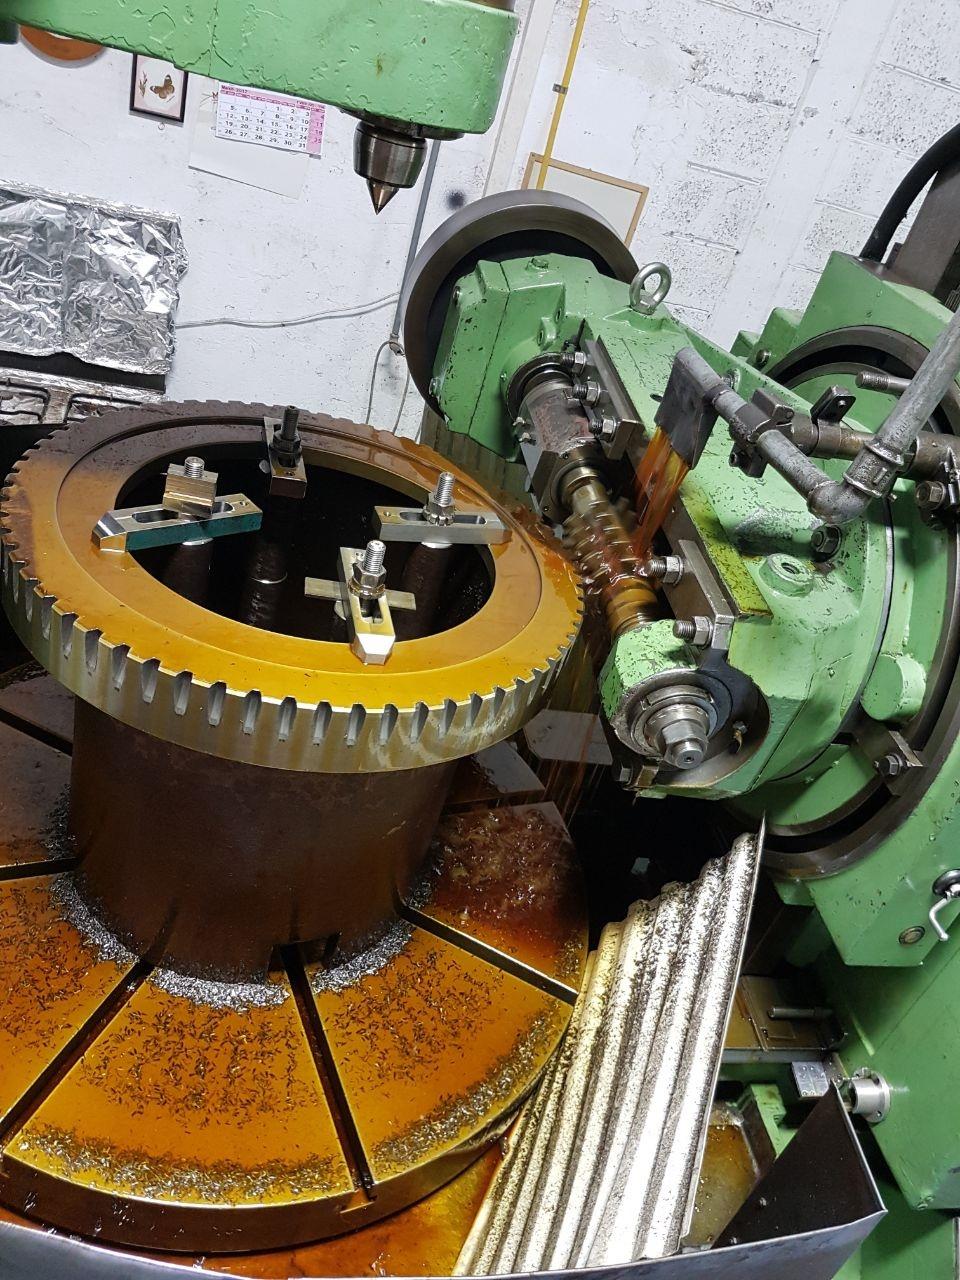 מכונה לייצור גלגלי שניים